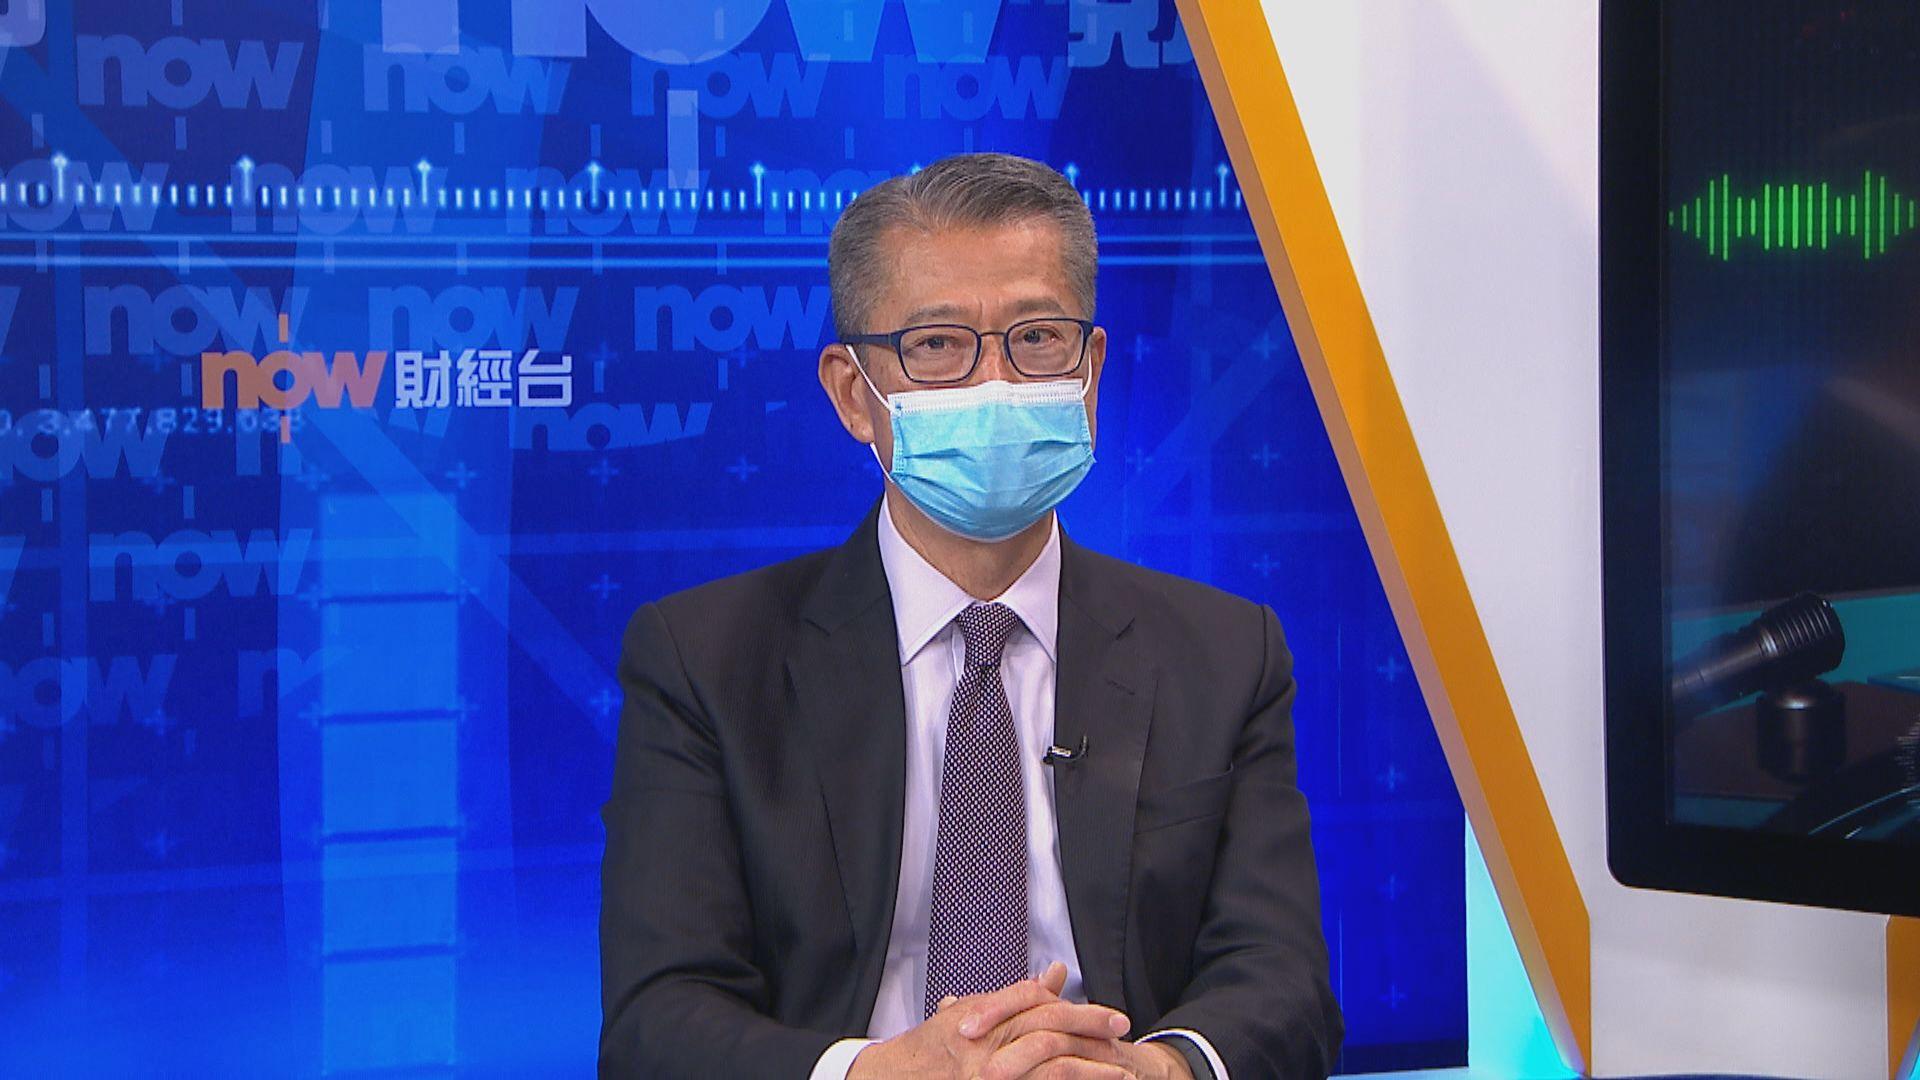 陳茂波:港股短期波動受多項因素影響 不會修改加稅決定